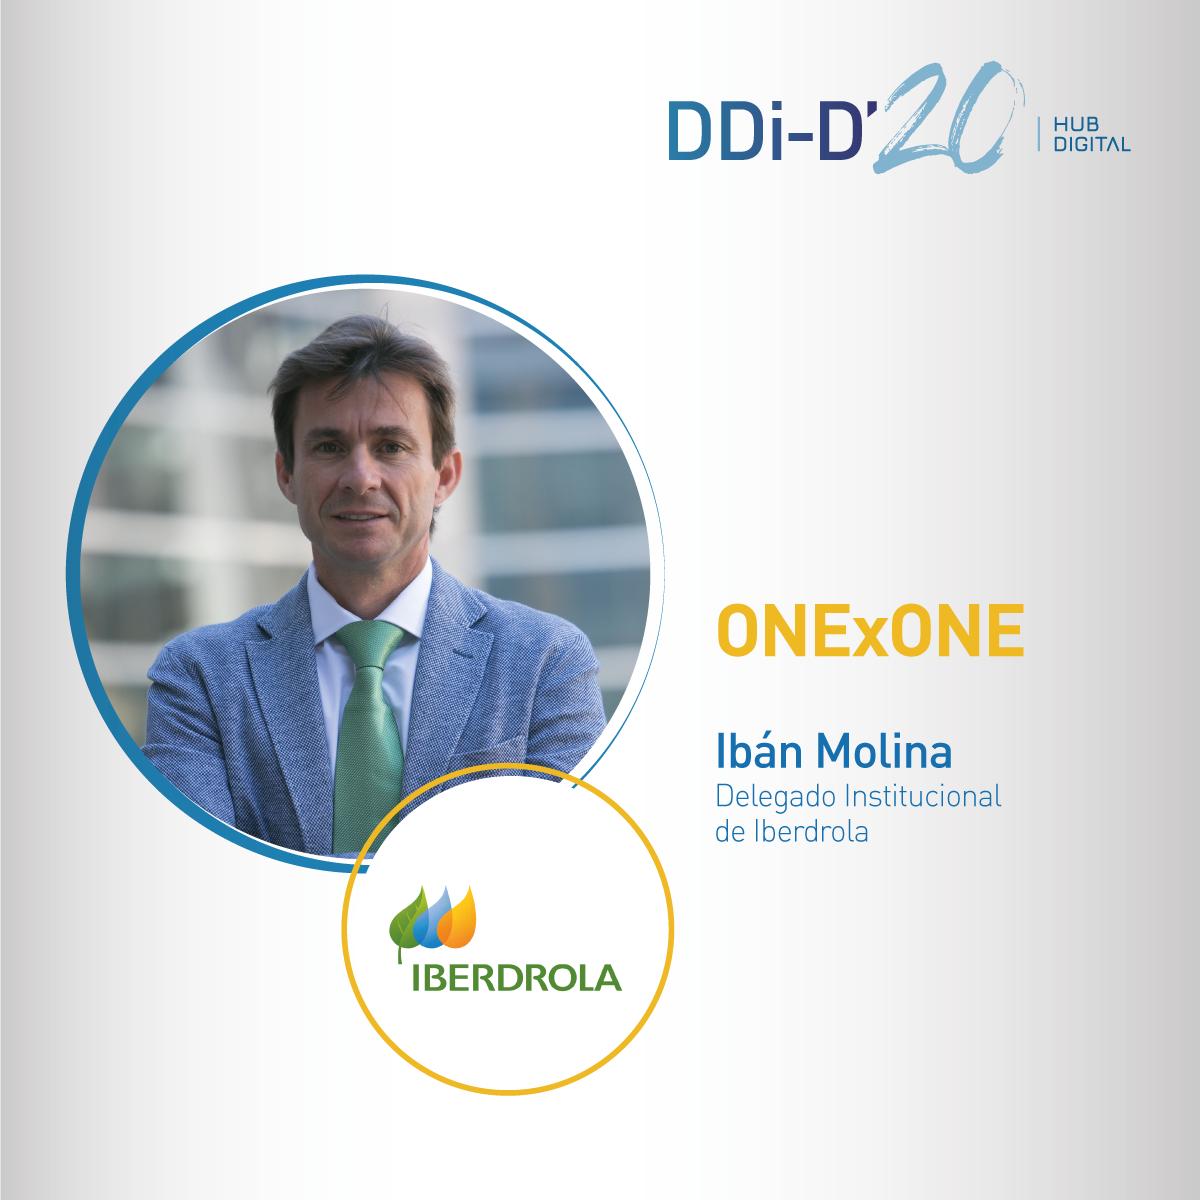 ONExONE_IBAN MOLINA